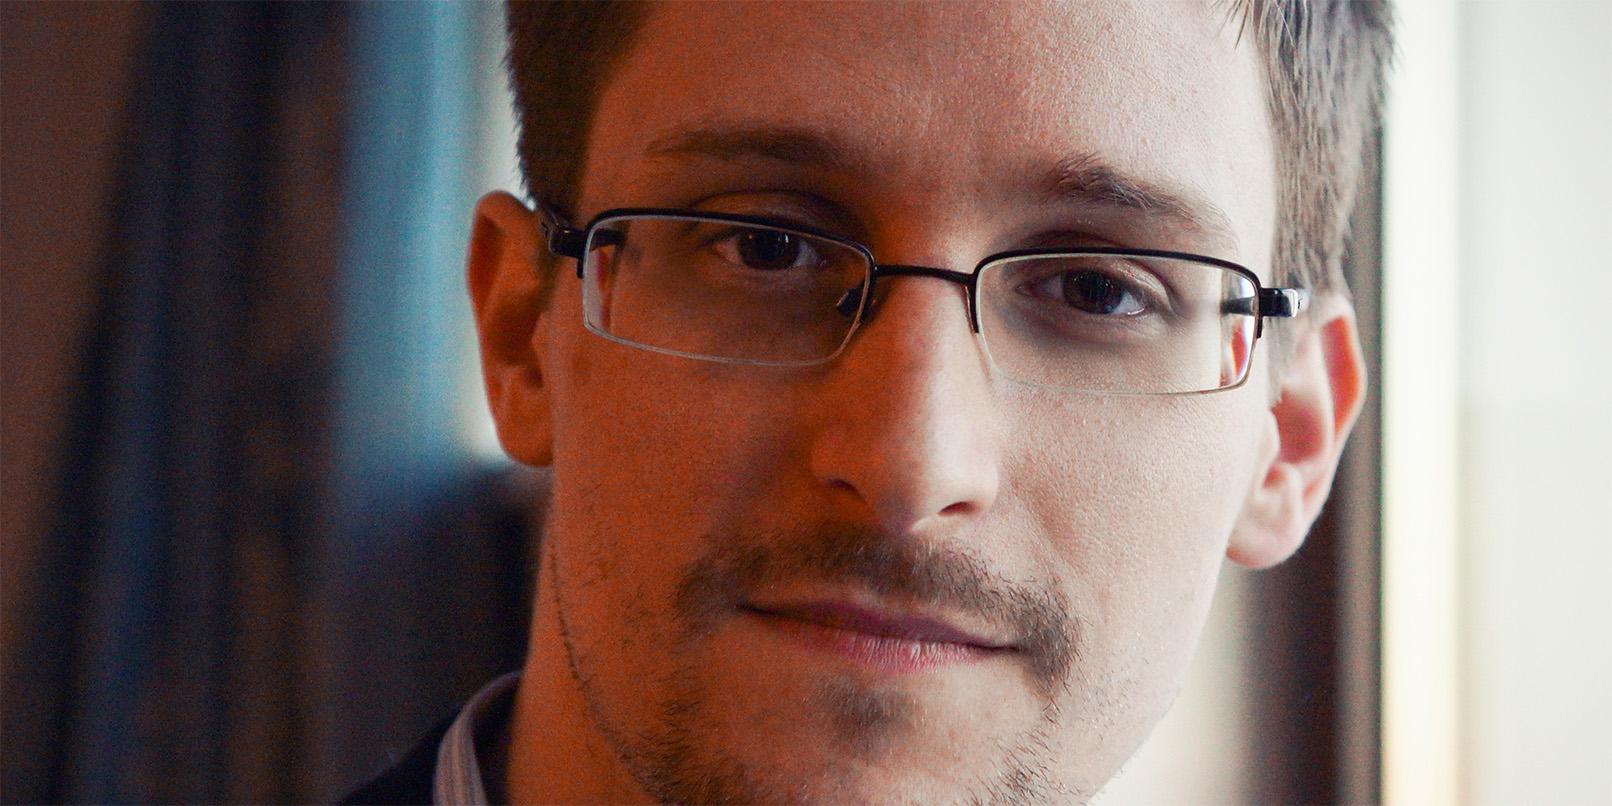 Watch Snowden sound off on Trump live on November 10  Watch Snowden s...